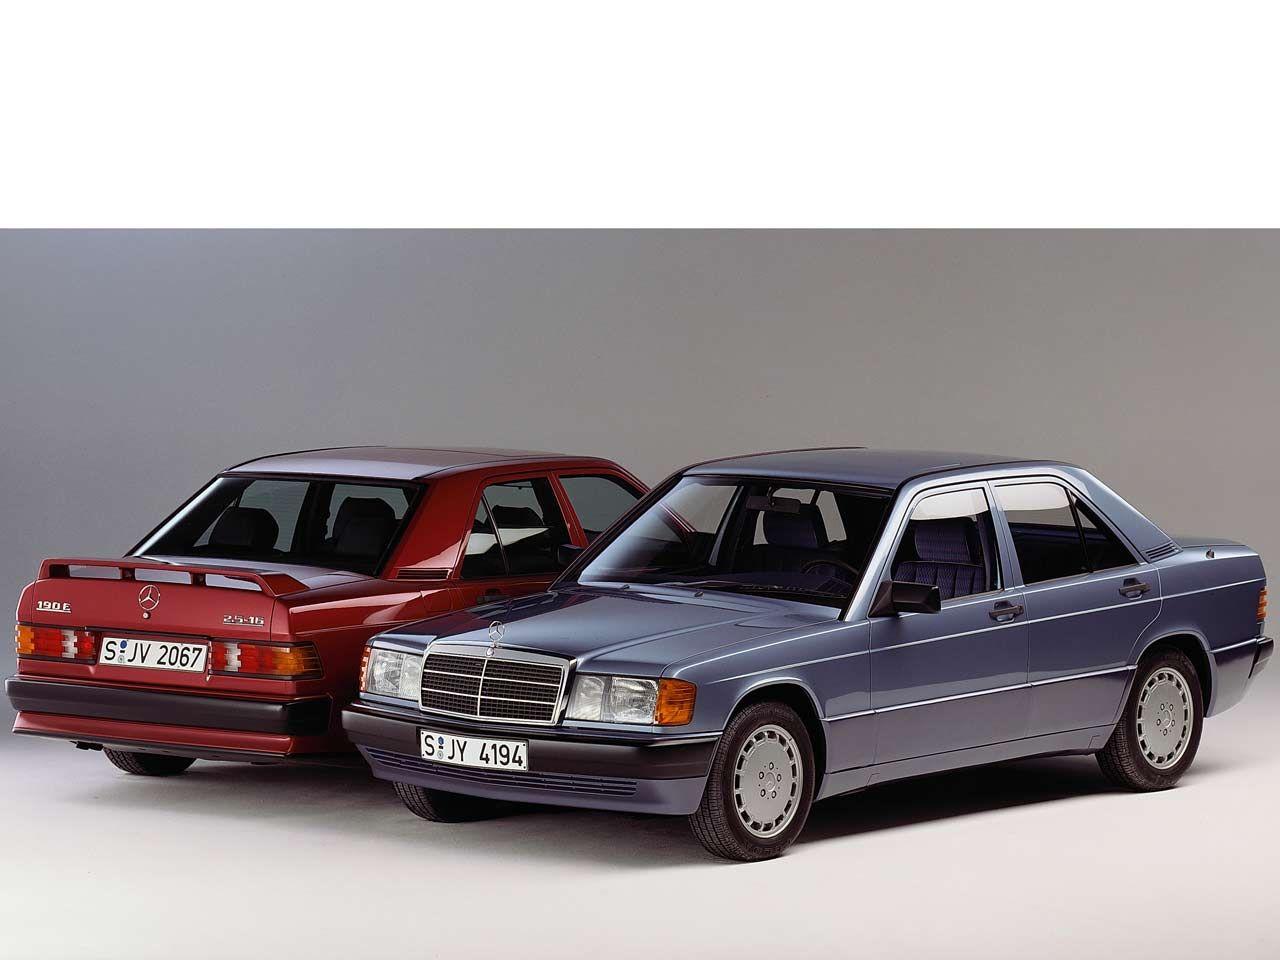 25 Jahre Mercedes 190e Schematics For